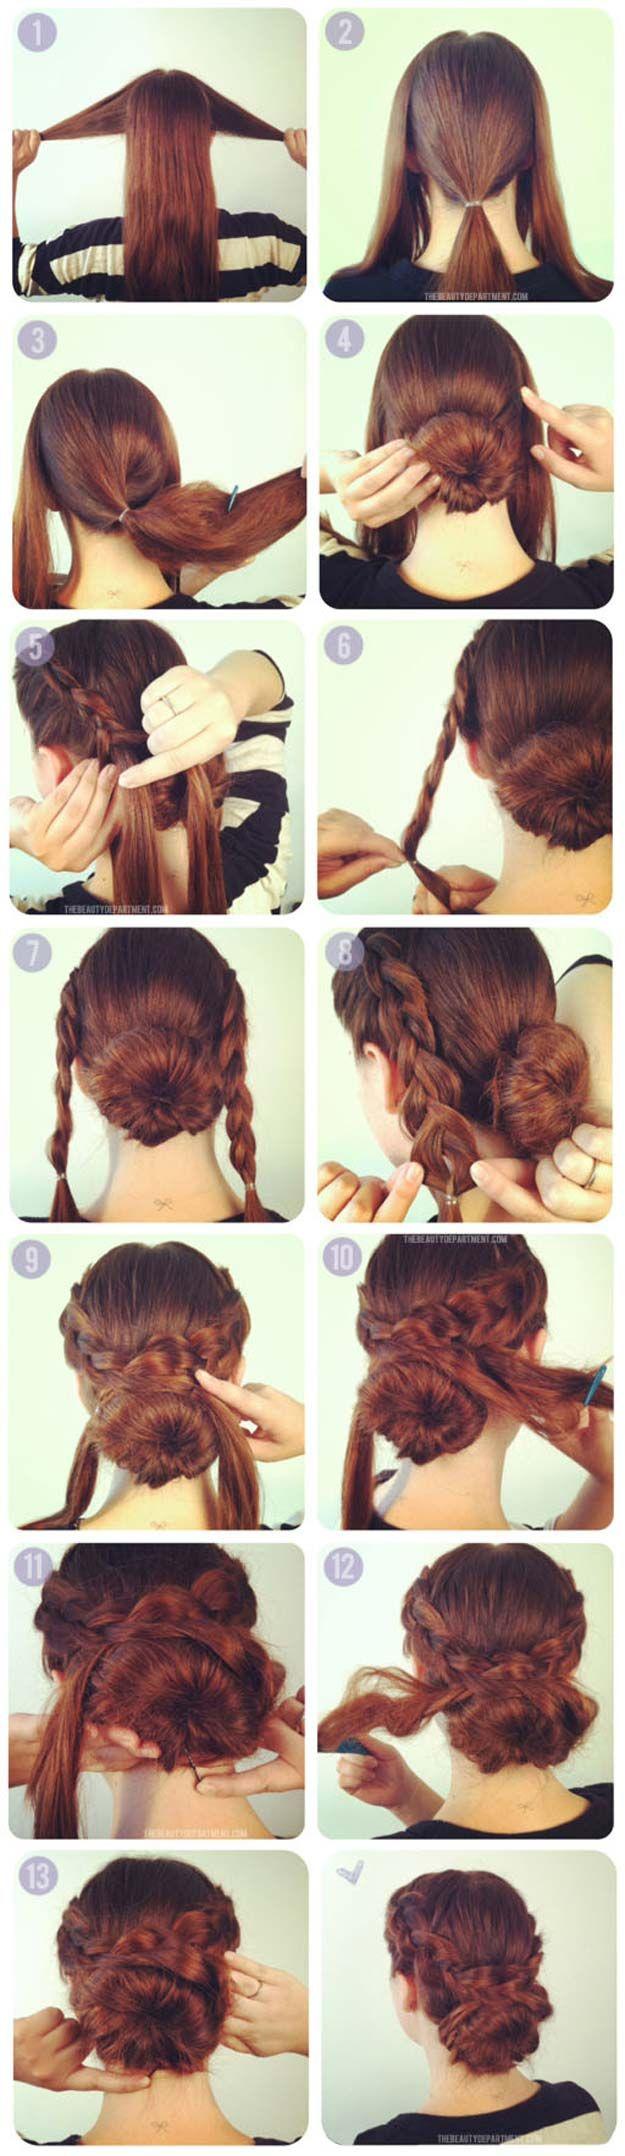 36 besten Frisuren für langes Haar #girlhair